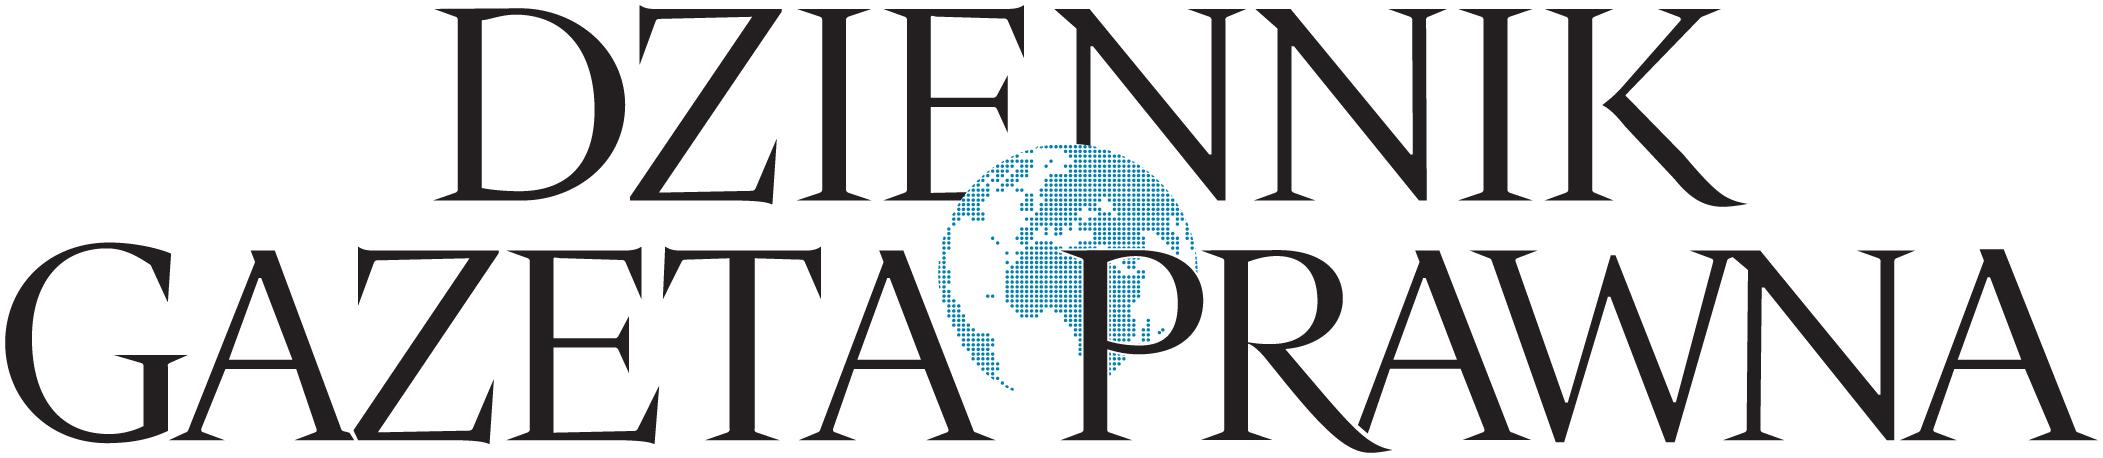 Znalezione obrazy dla zapytania logo dziennik gazeta prawna